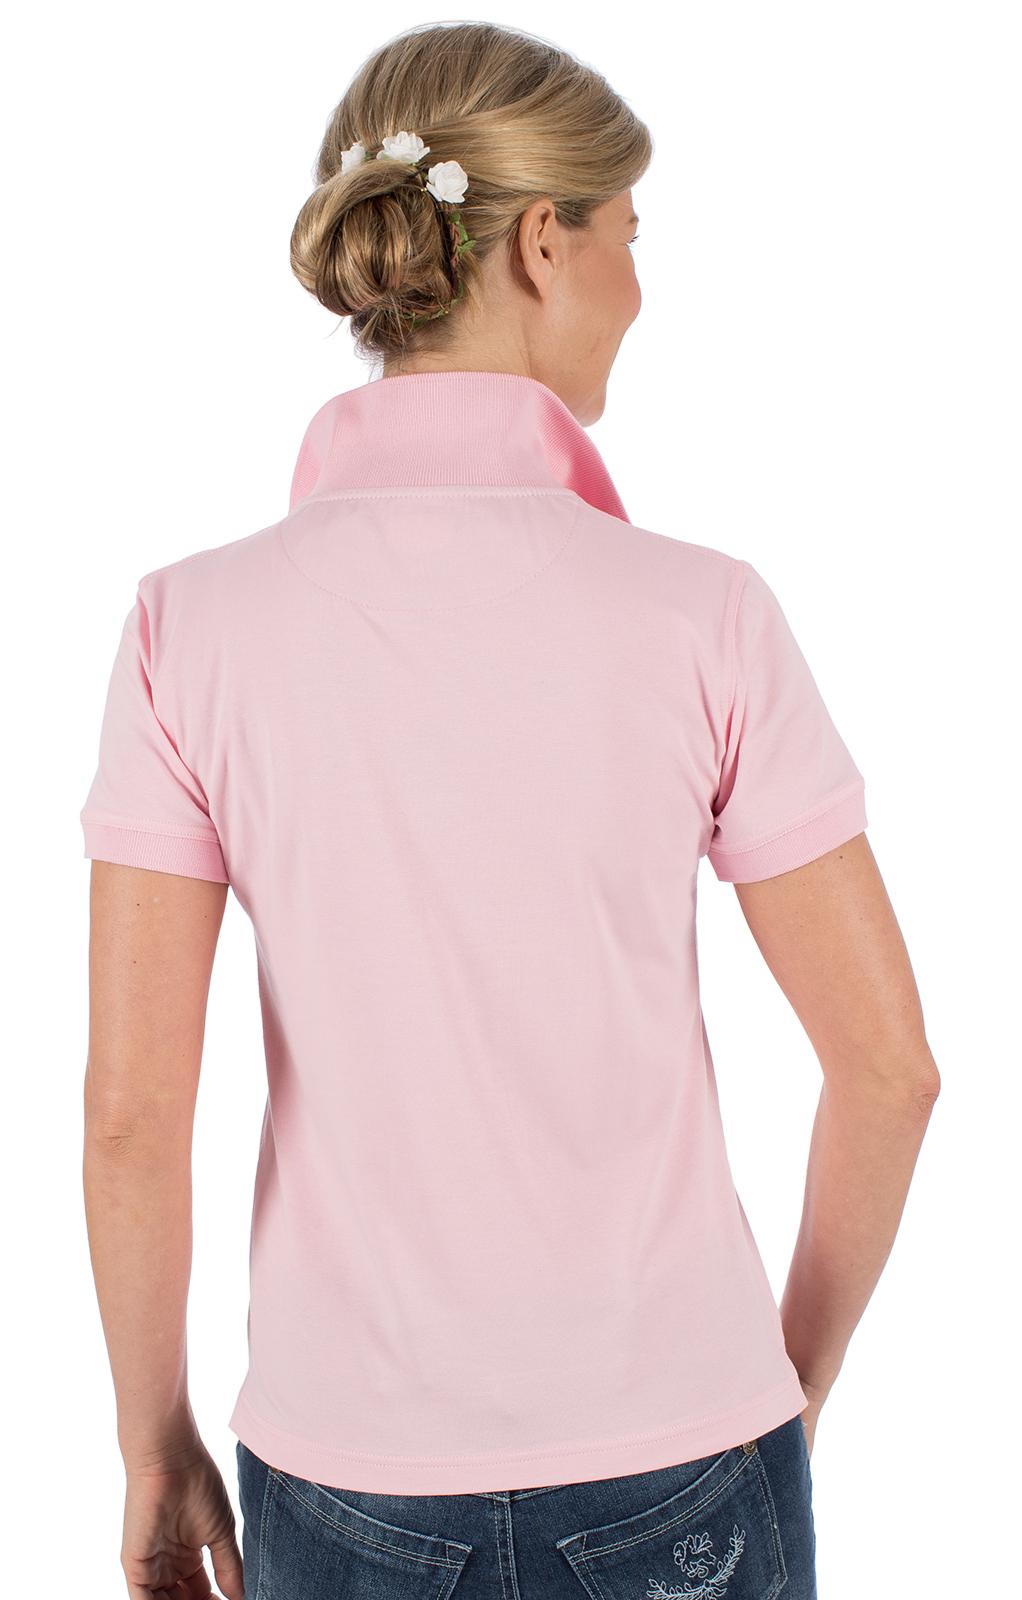 weitere Bilder von Trachten T-Shirt BRITTA rose